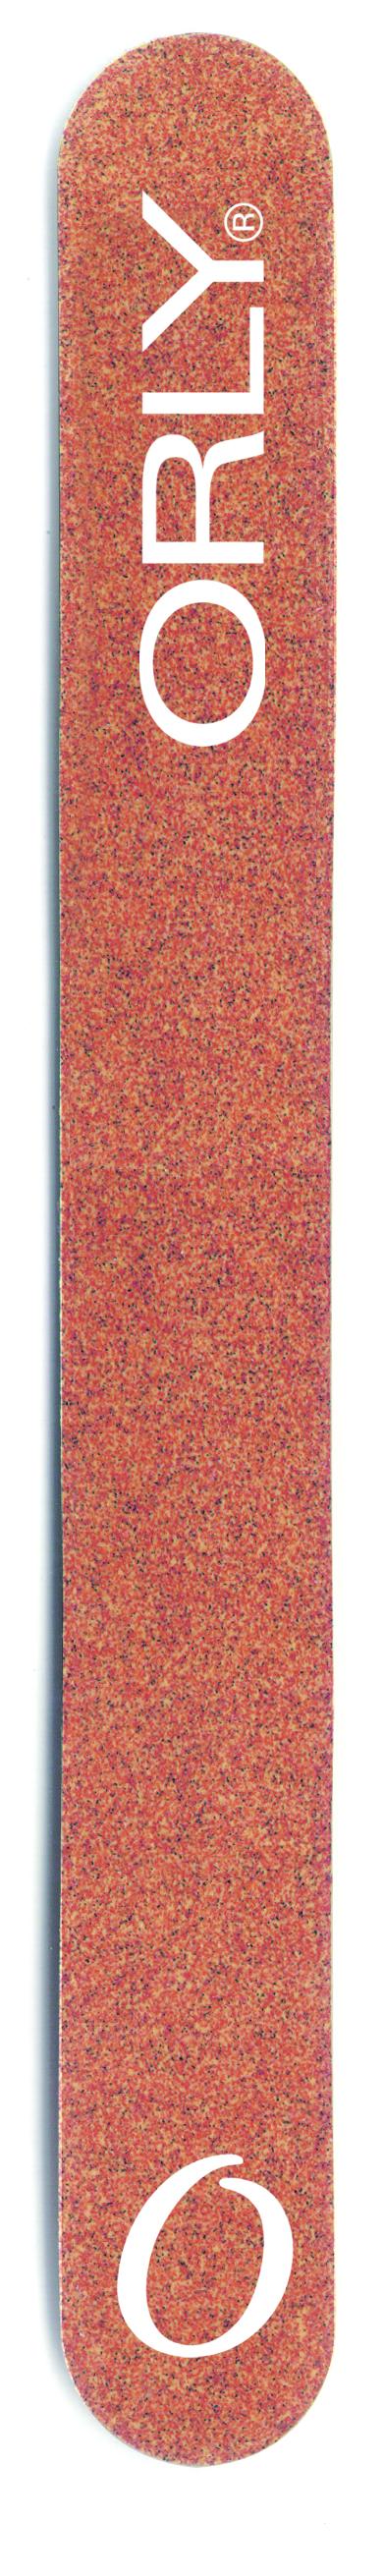 ORLY Пилка гранатовая с абразивом 120 ед. / Garnet Board